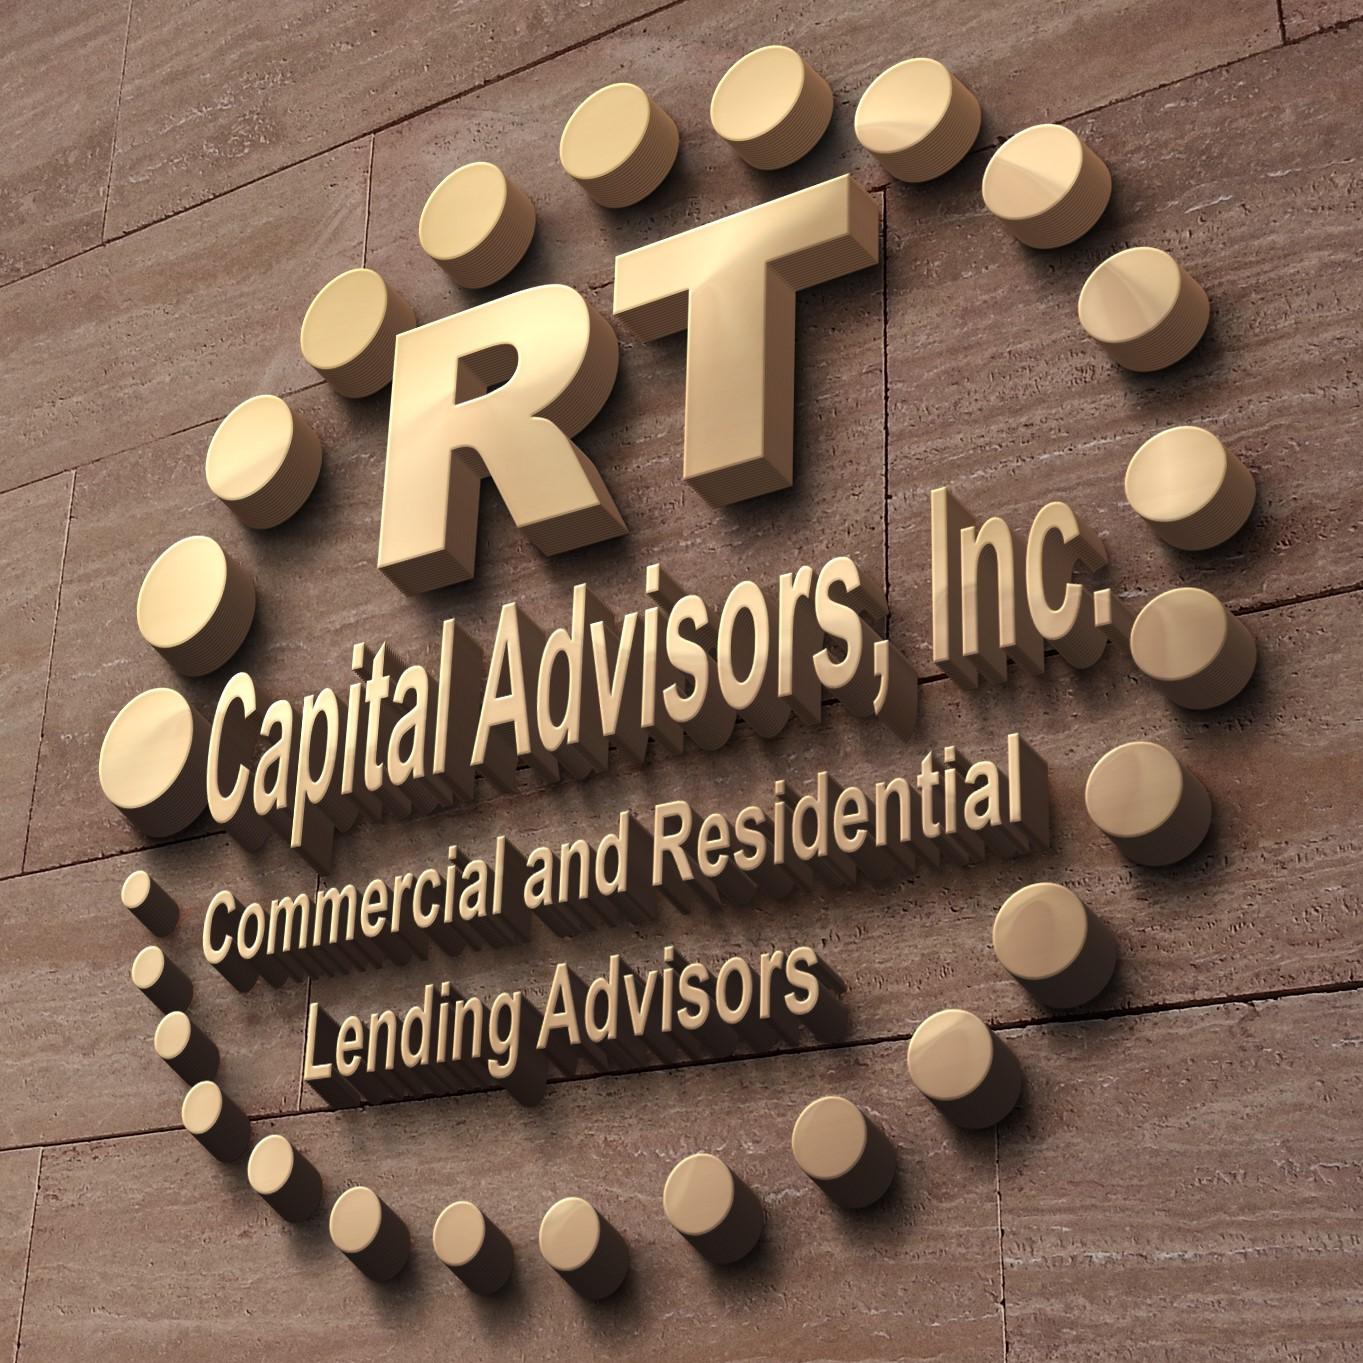 RT Capital Advisors, Inc.